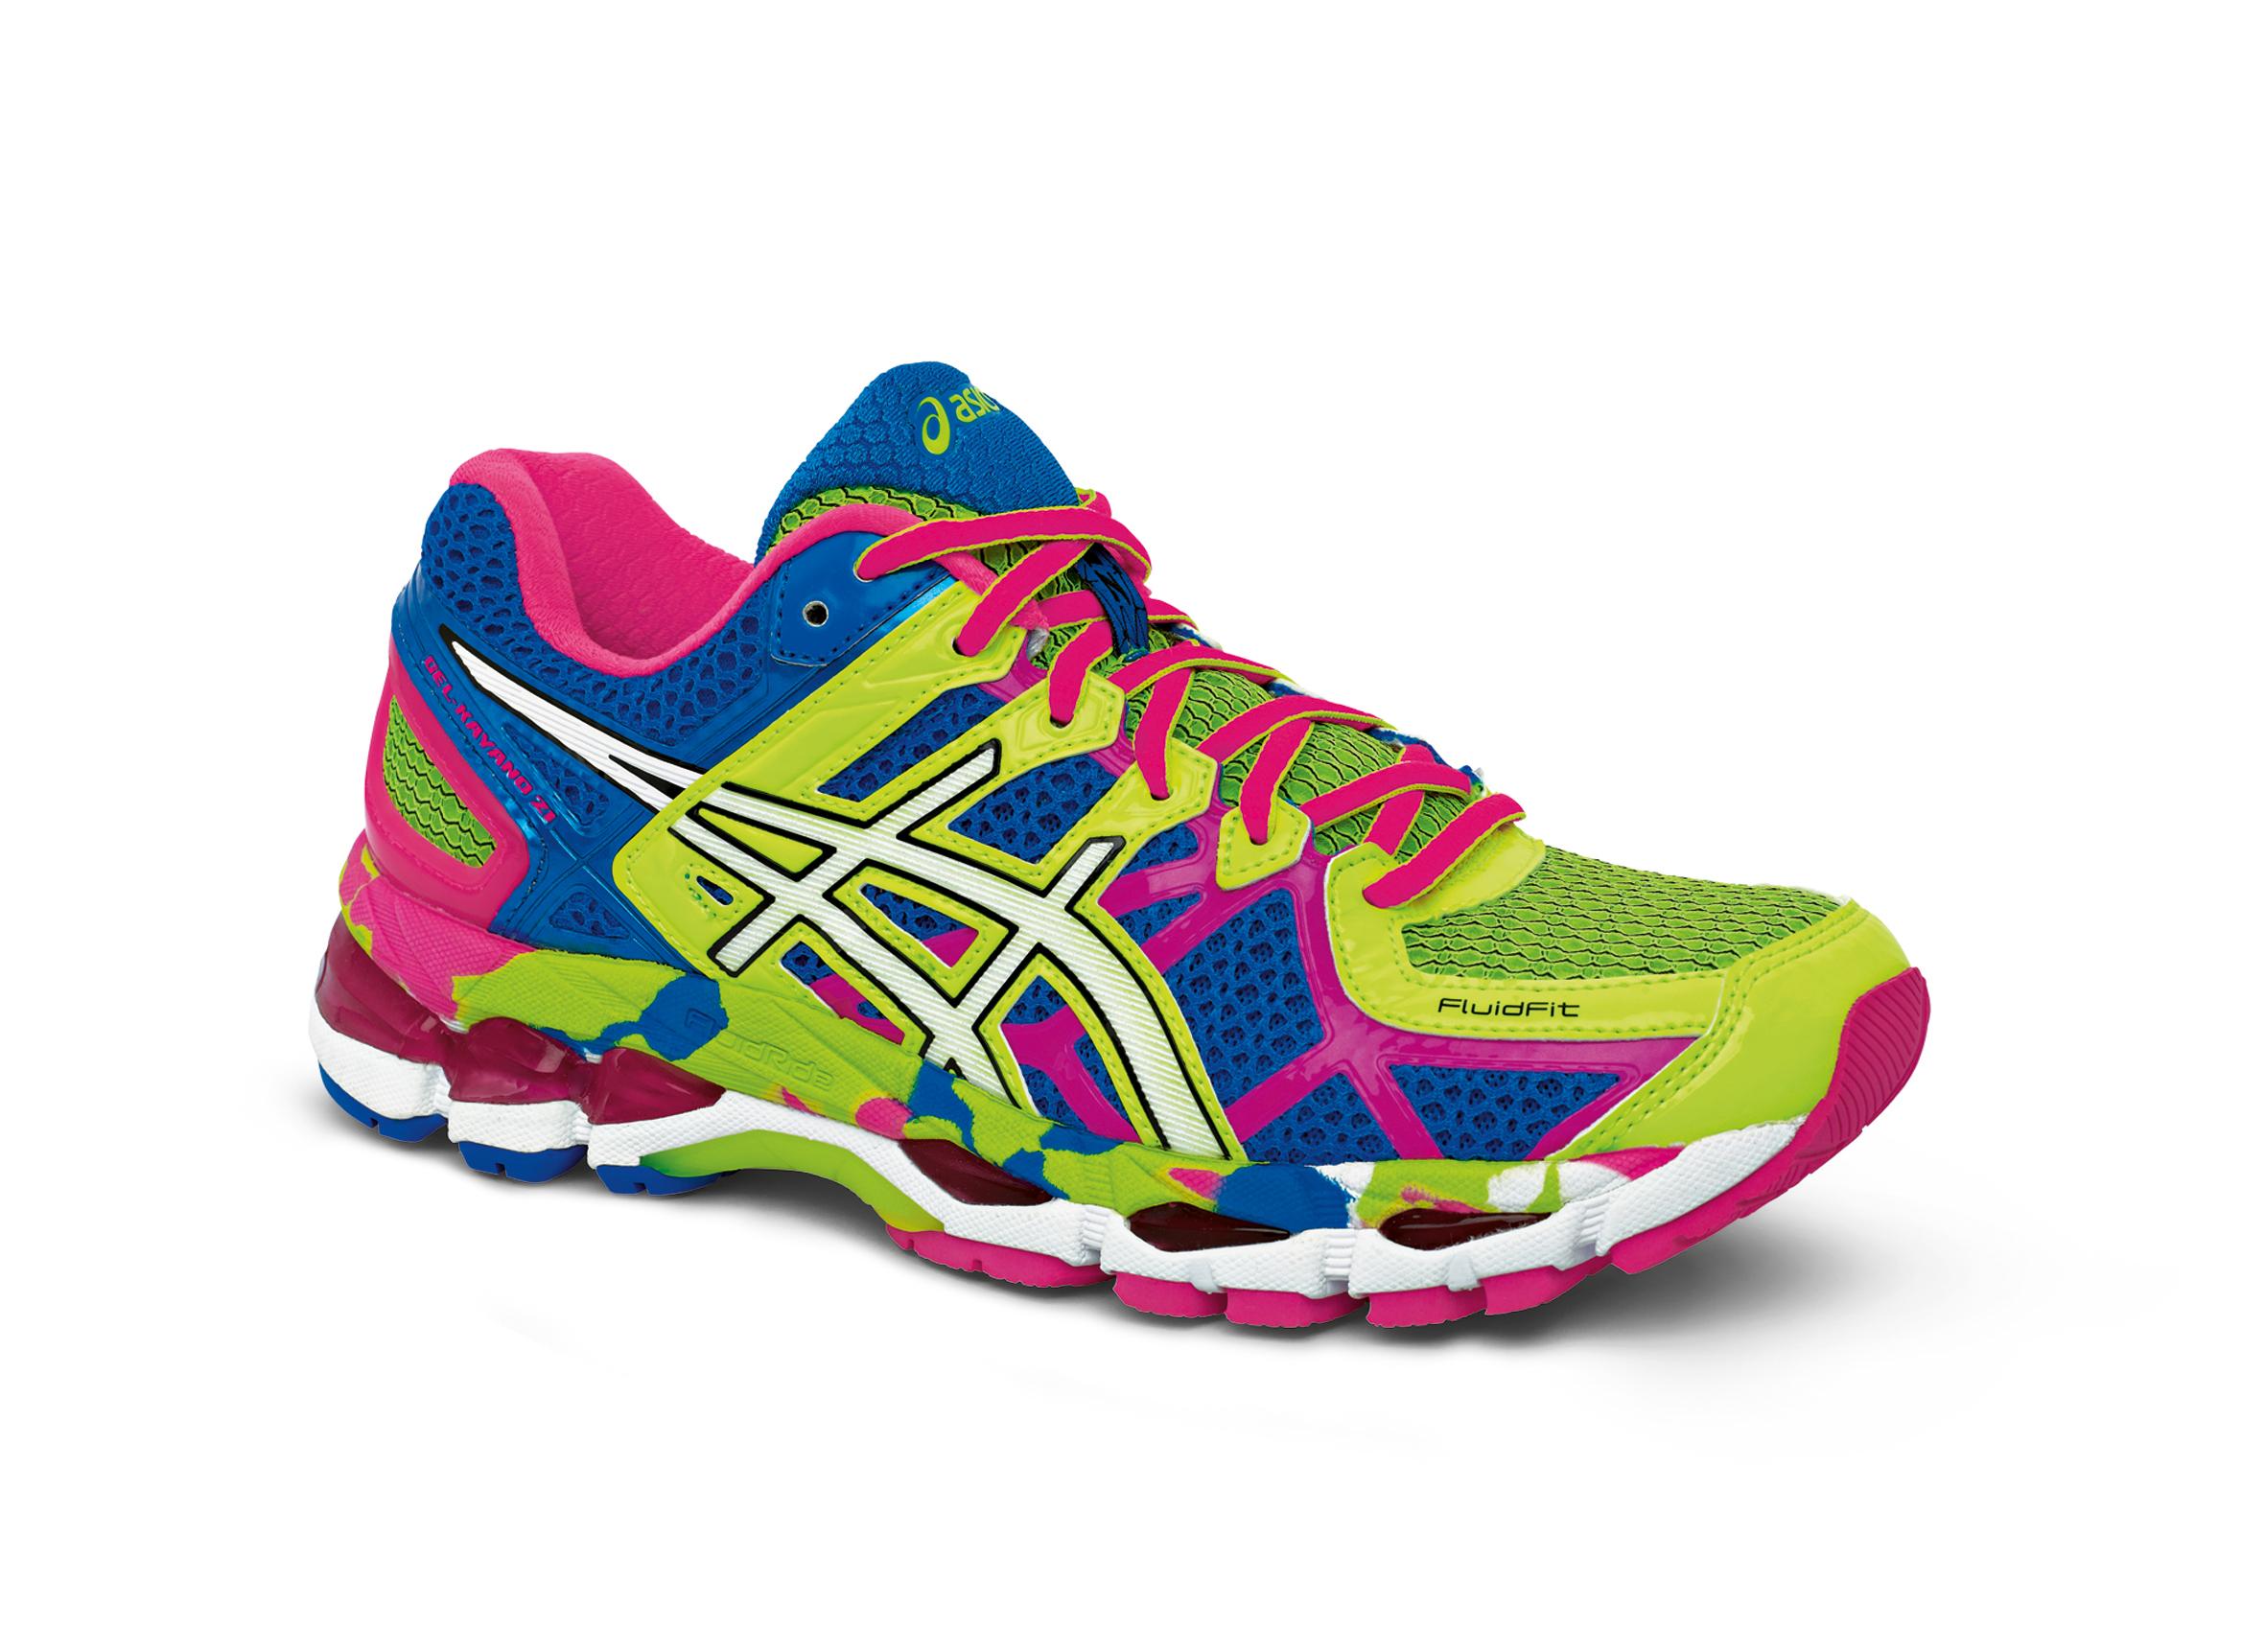 Na Vitrine  os maratonistas piram com os novos modelos do Gel-Kayano! -  Corrida de Rua cb73a8f867b15